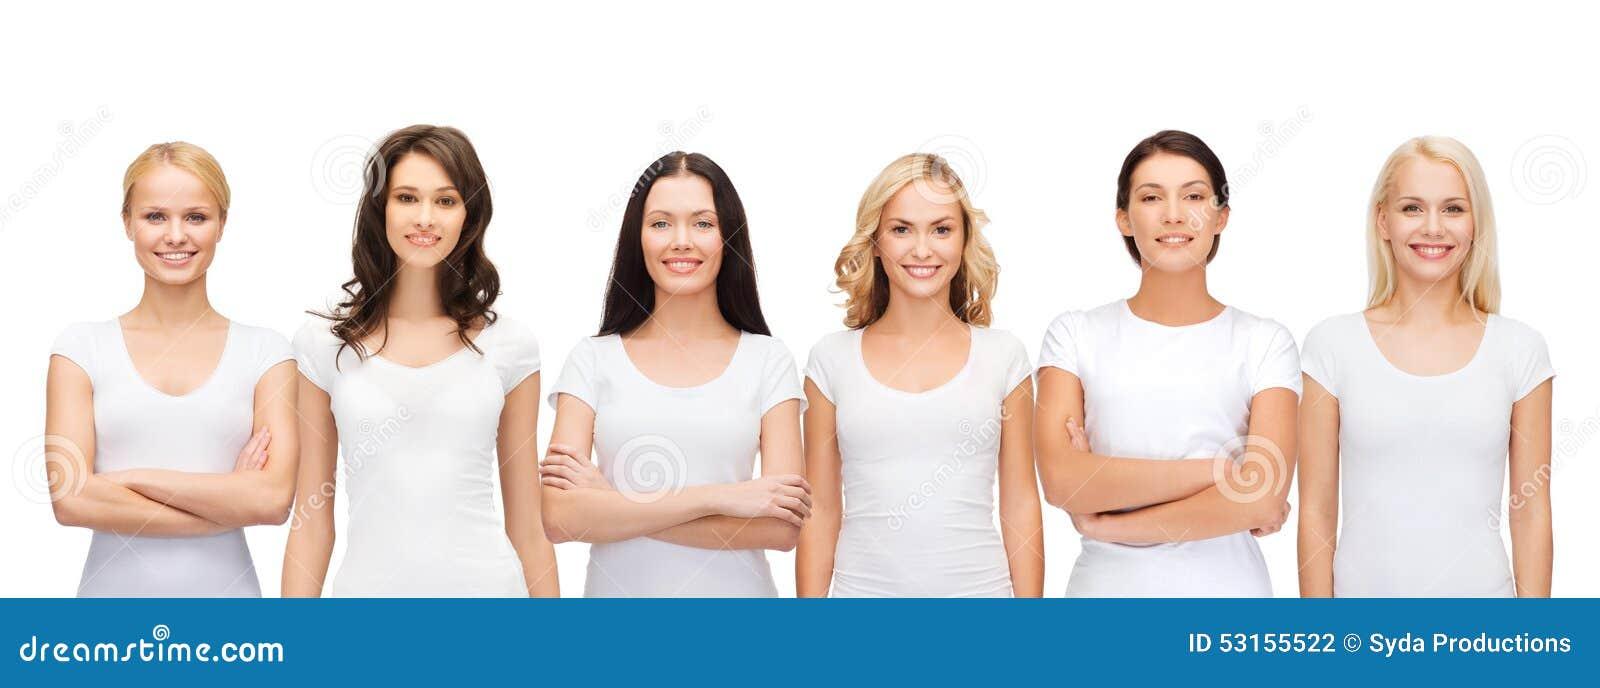 Grupa uśmiechnięte kobiety w pustych białych koszulkach